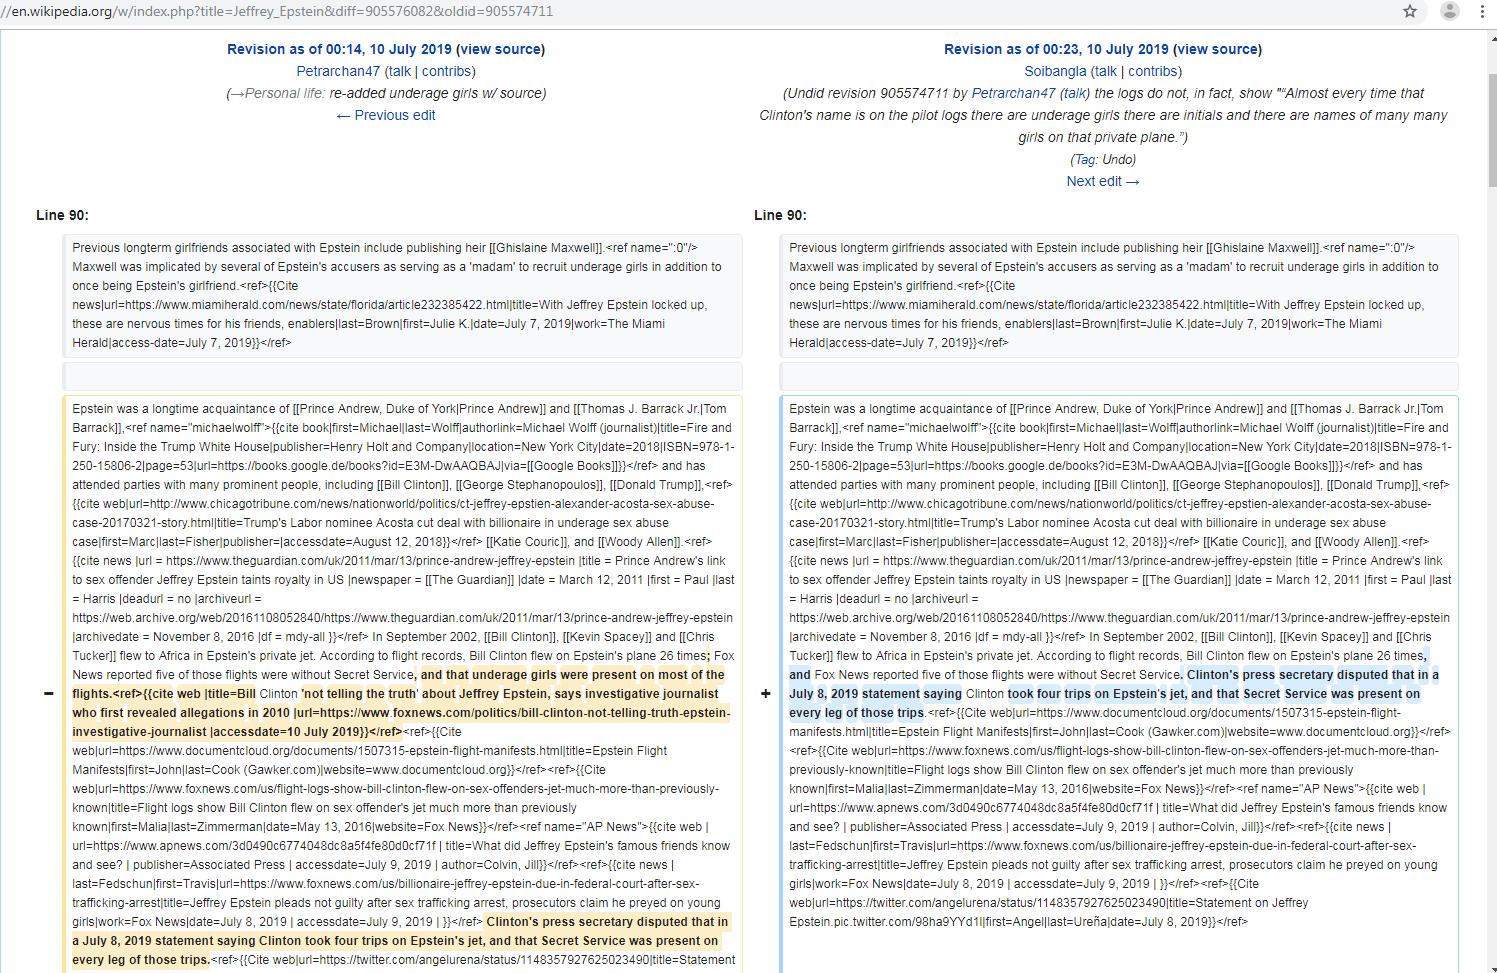 Wikipedia - Hunderte Revisionen im Juli zu Jeffrey Epstein